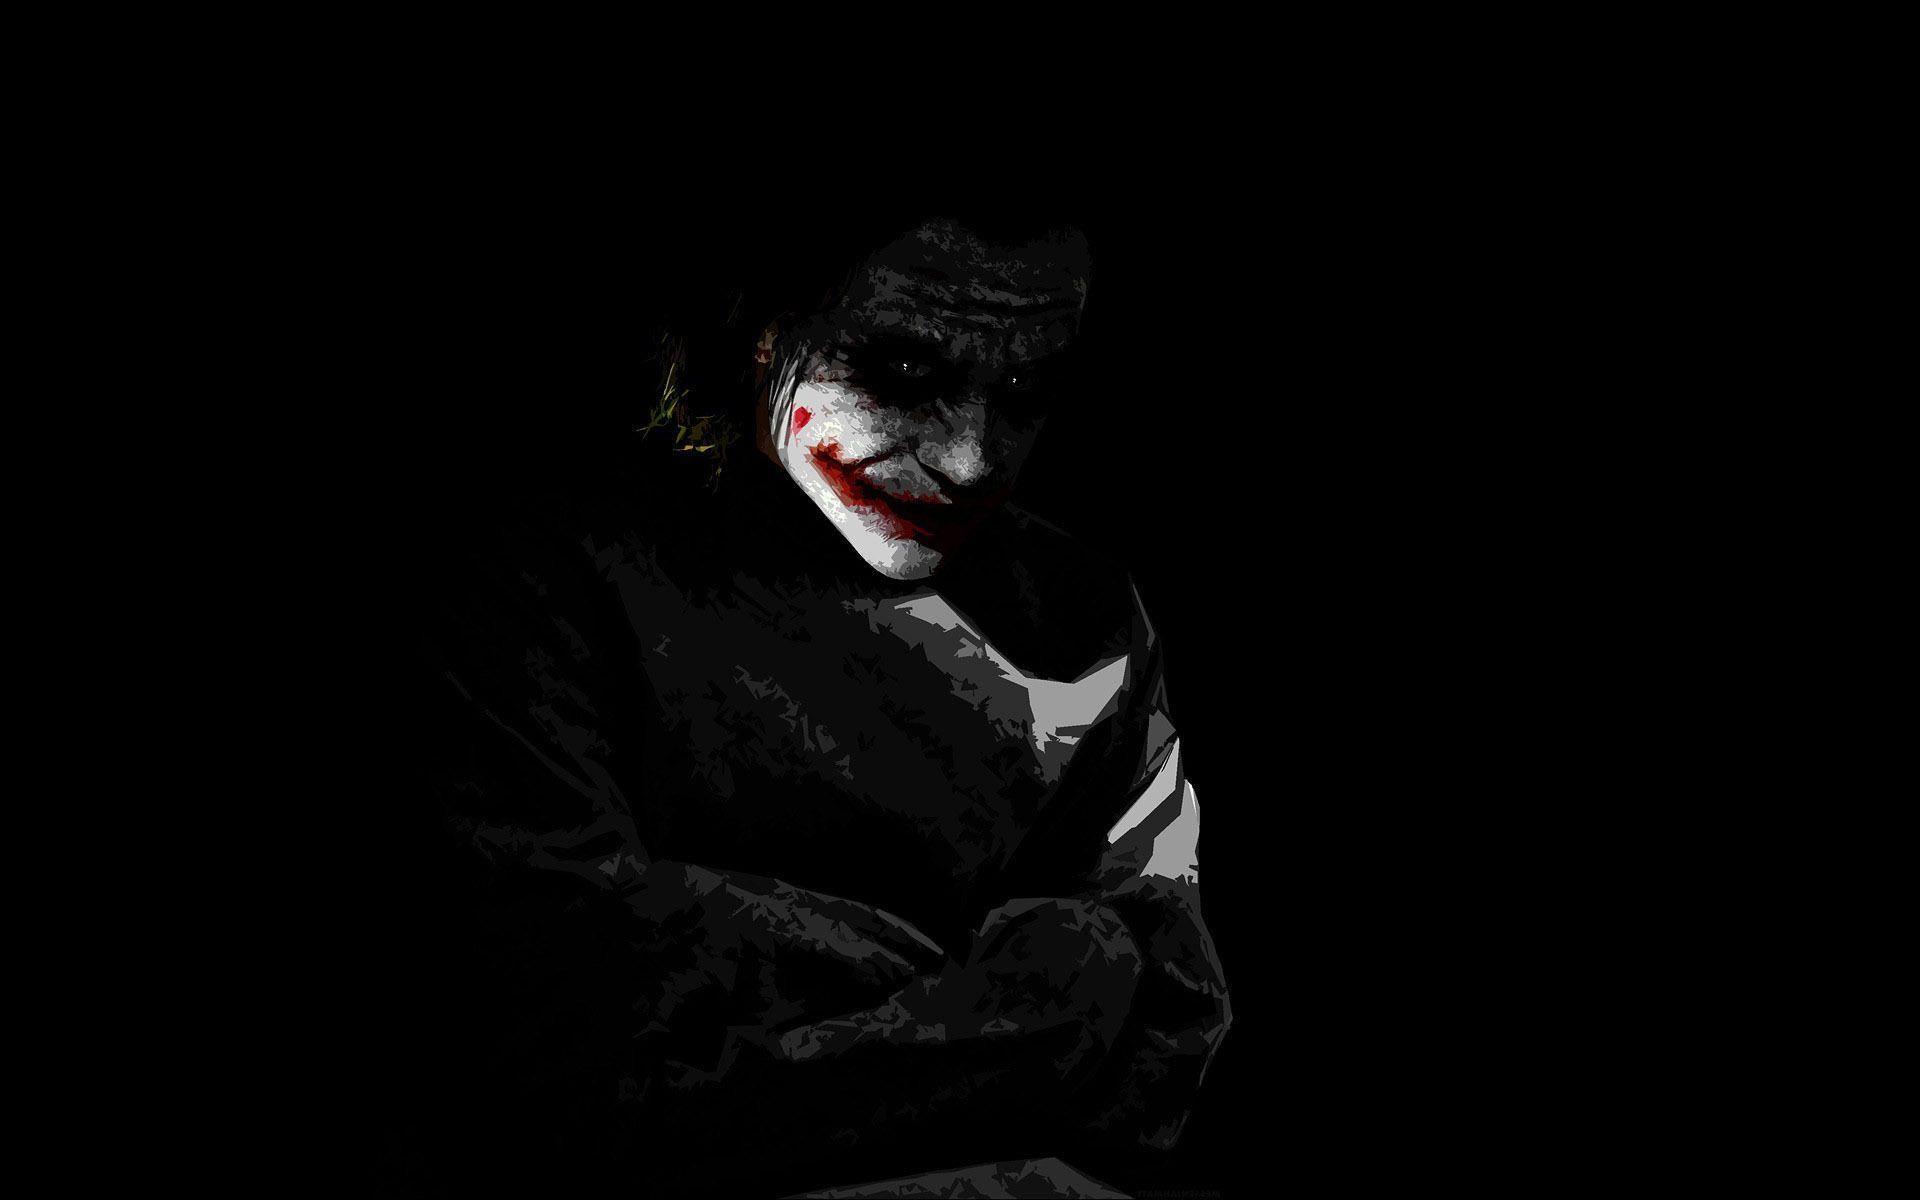 The Joker Heath Ledger Wallpapers